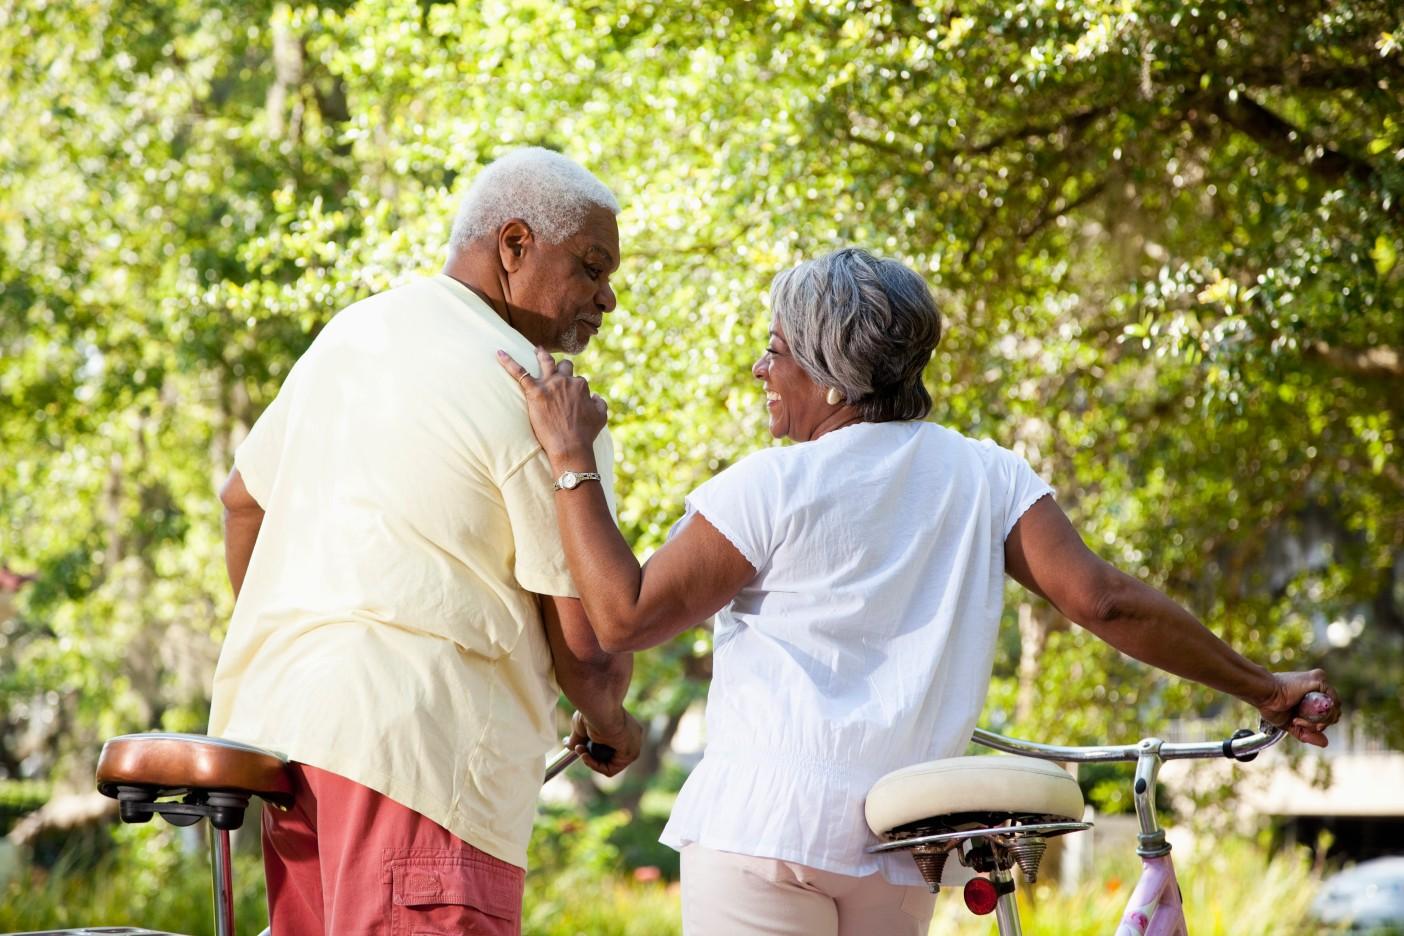 magas vérnyomásecet kezelése magas vérnyomás vizsgálata hadköteles számára